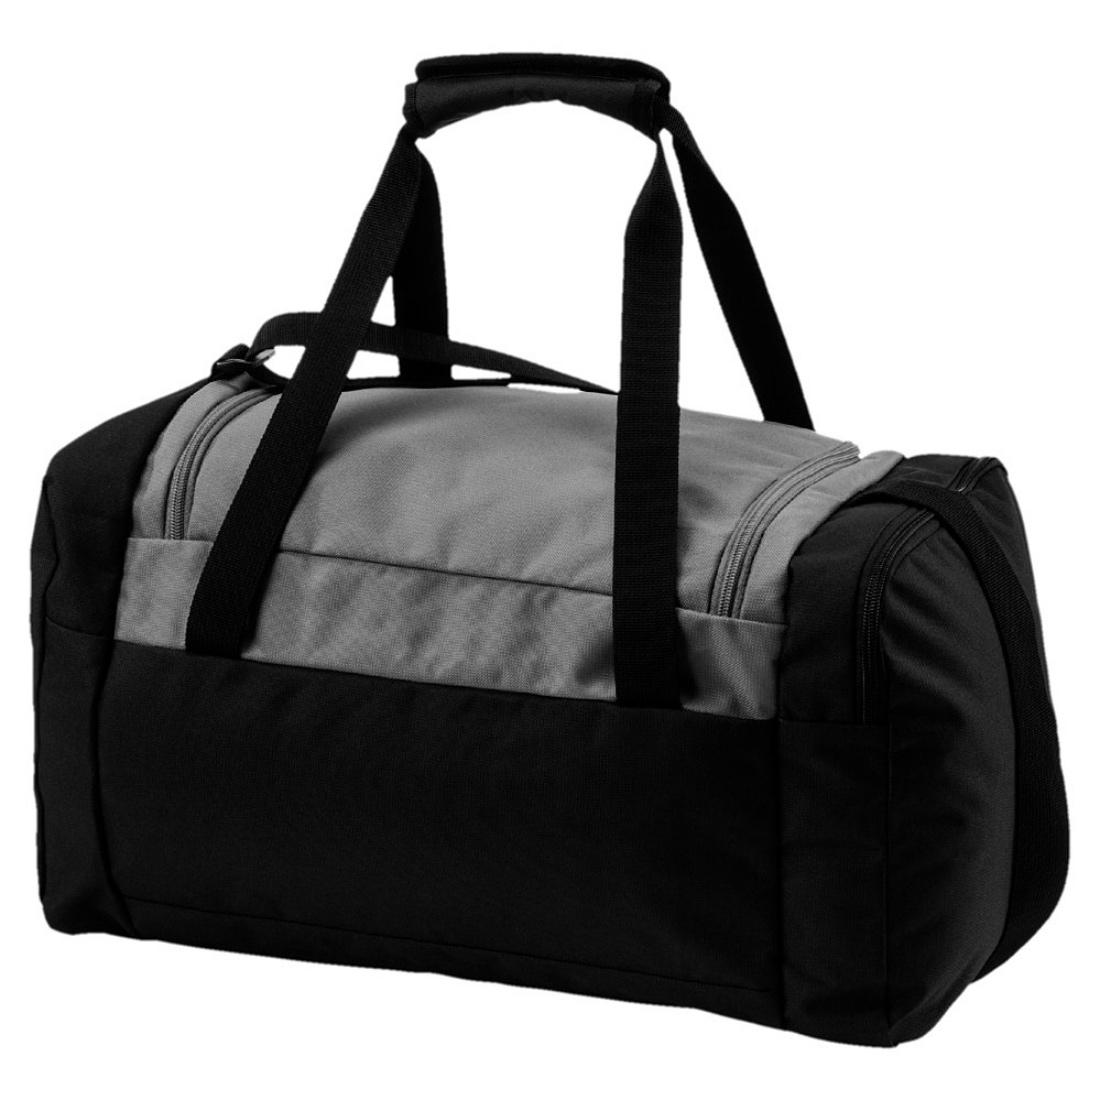 26555e29d4a43 PUMA Fundamentals Sports Bag M   Fussballtasche Sporttasche Gr. M ...